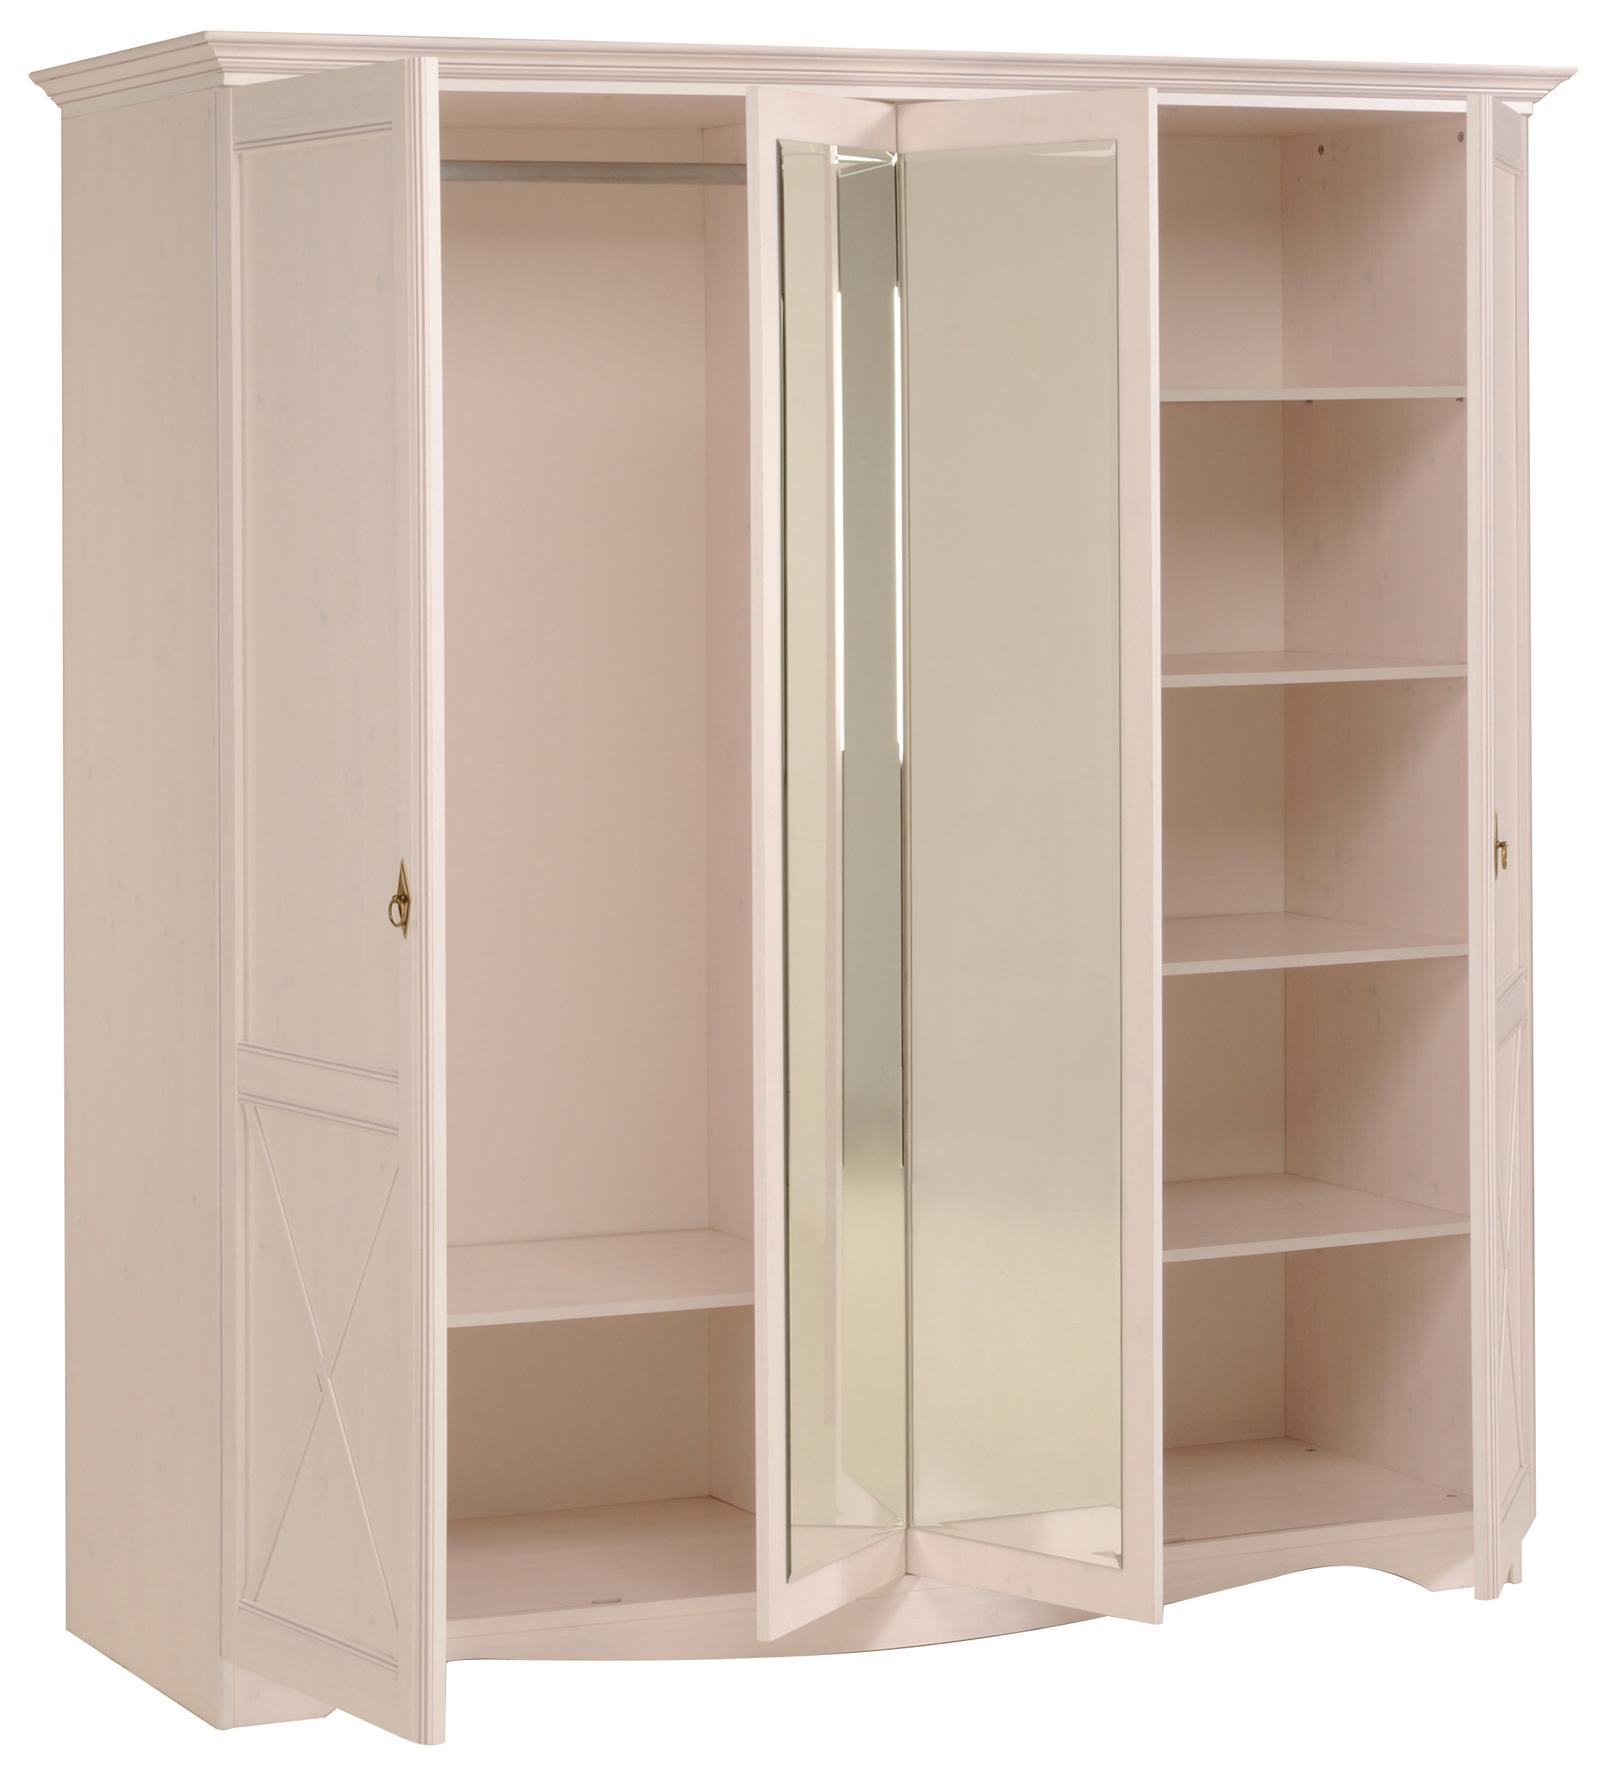 Jugendzimmer Marion 2 Parisot 5-teilig weiß inkl Kommode + Bett + 2 Nachtkommoden + Kleiderschrank